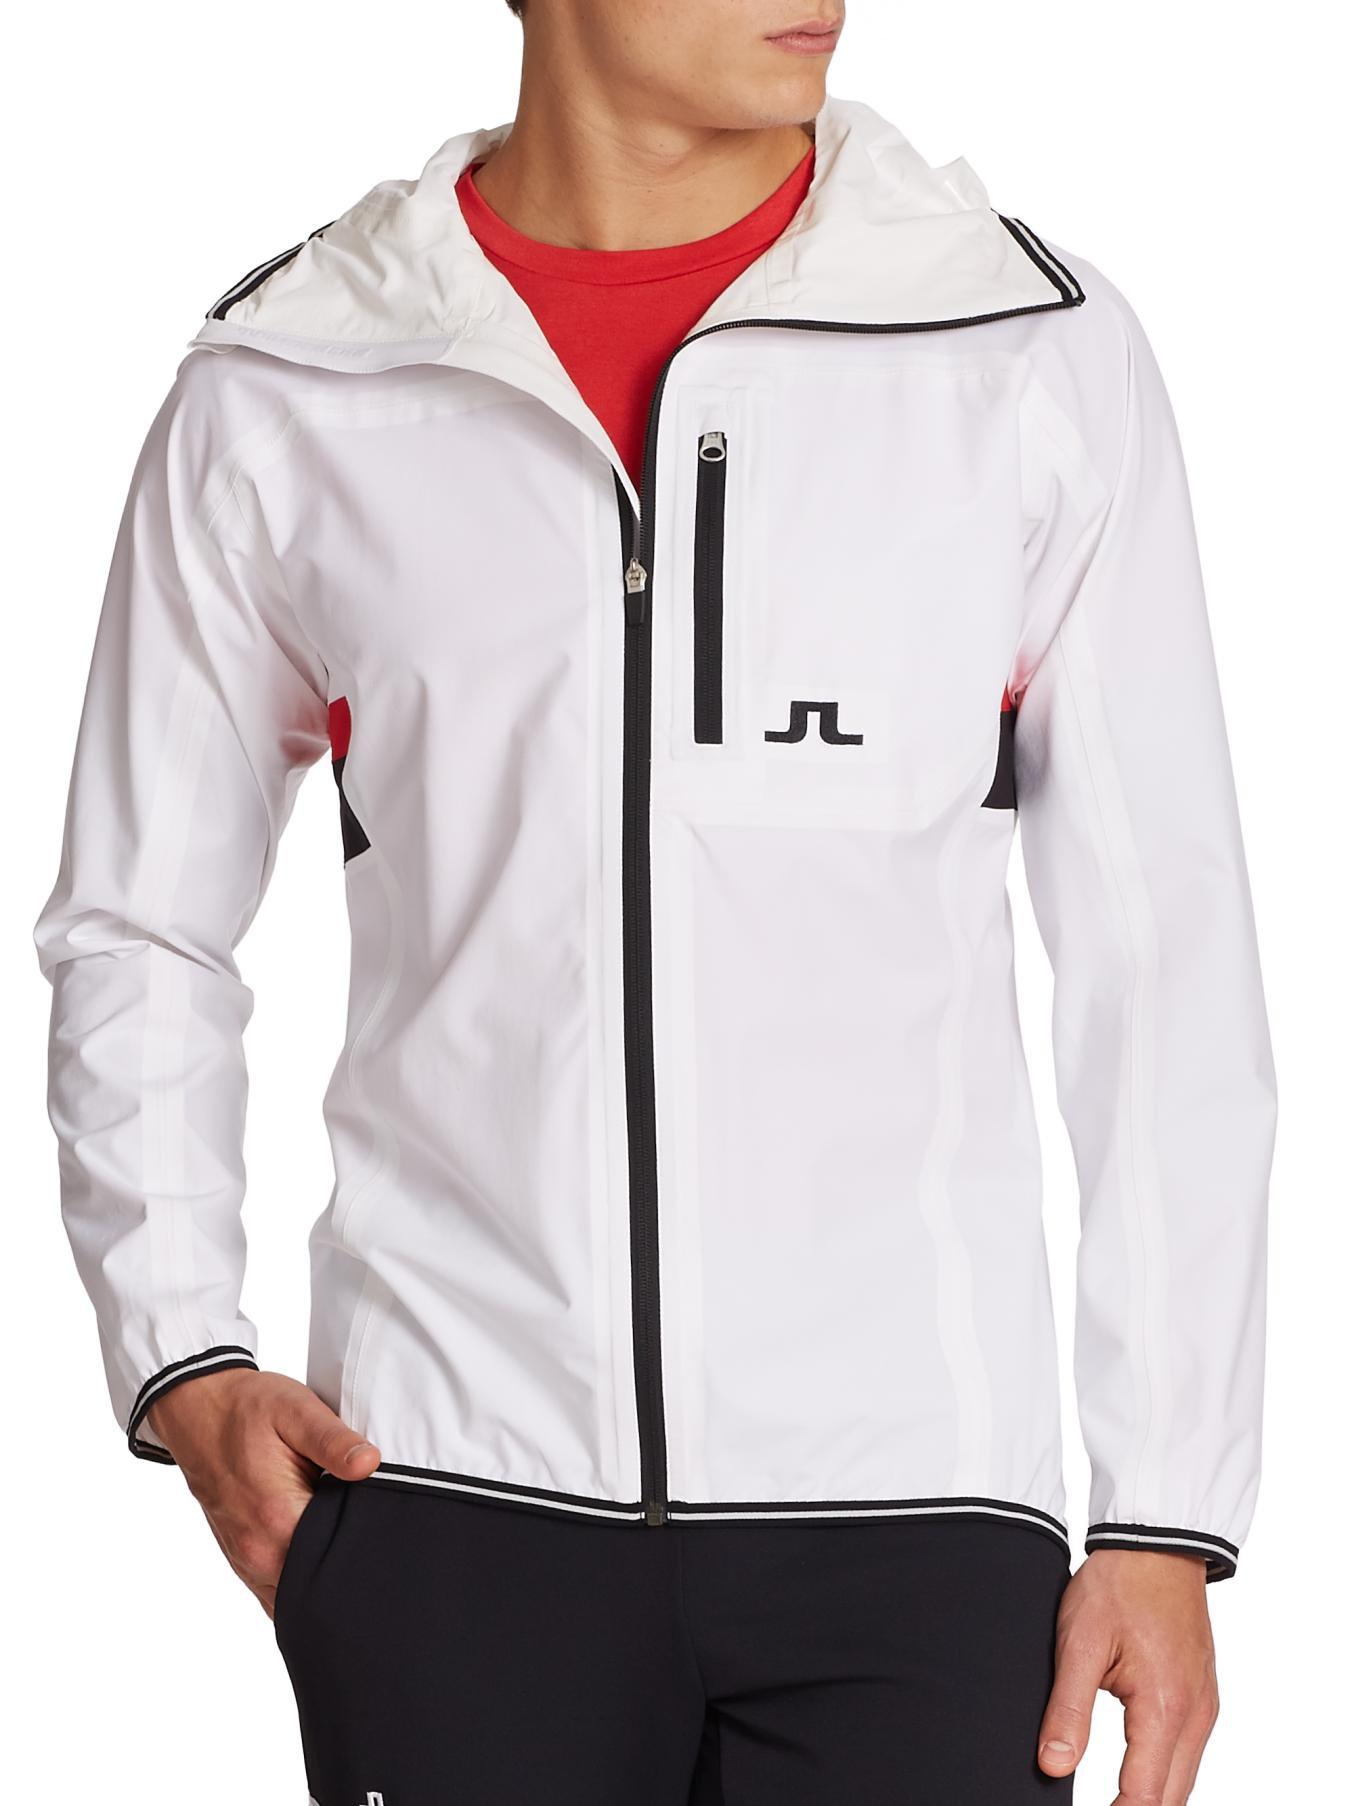 J lindeberg waterproof jacket